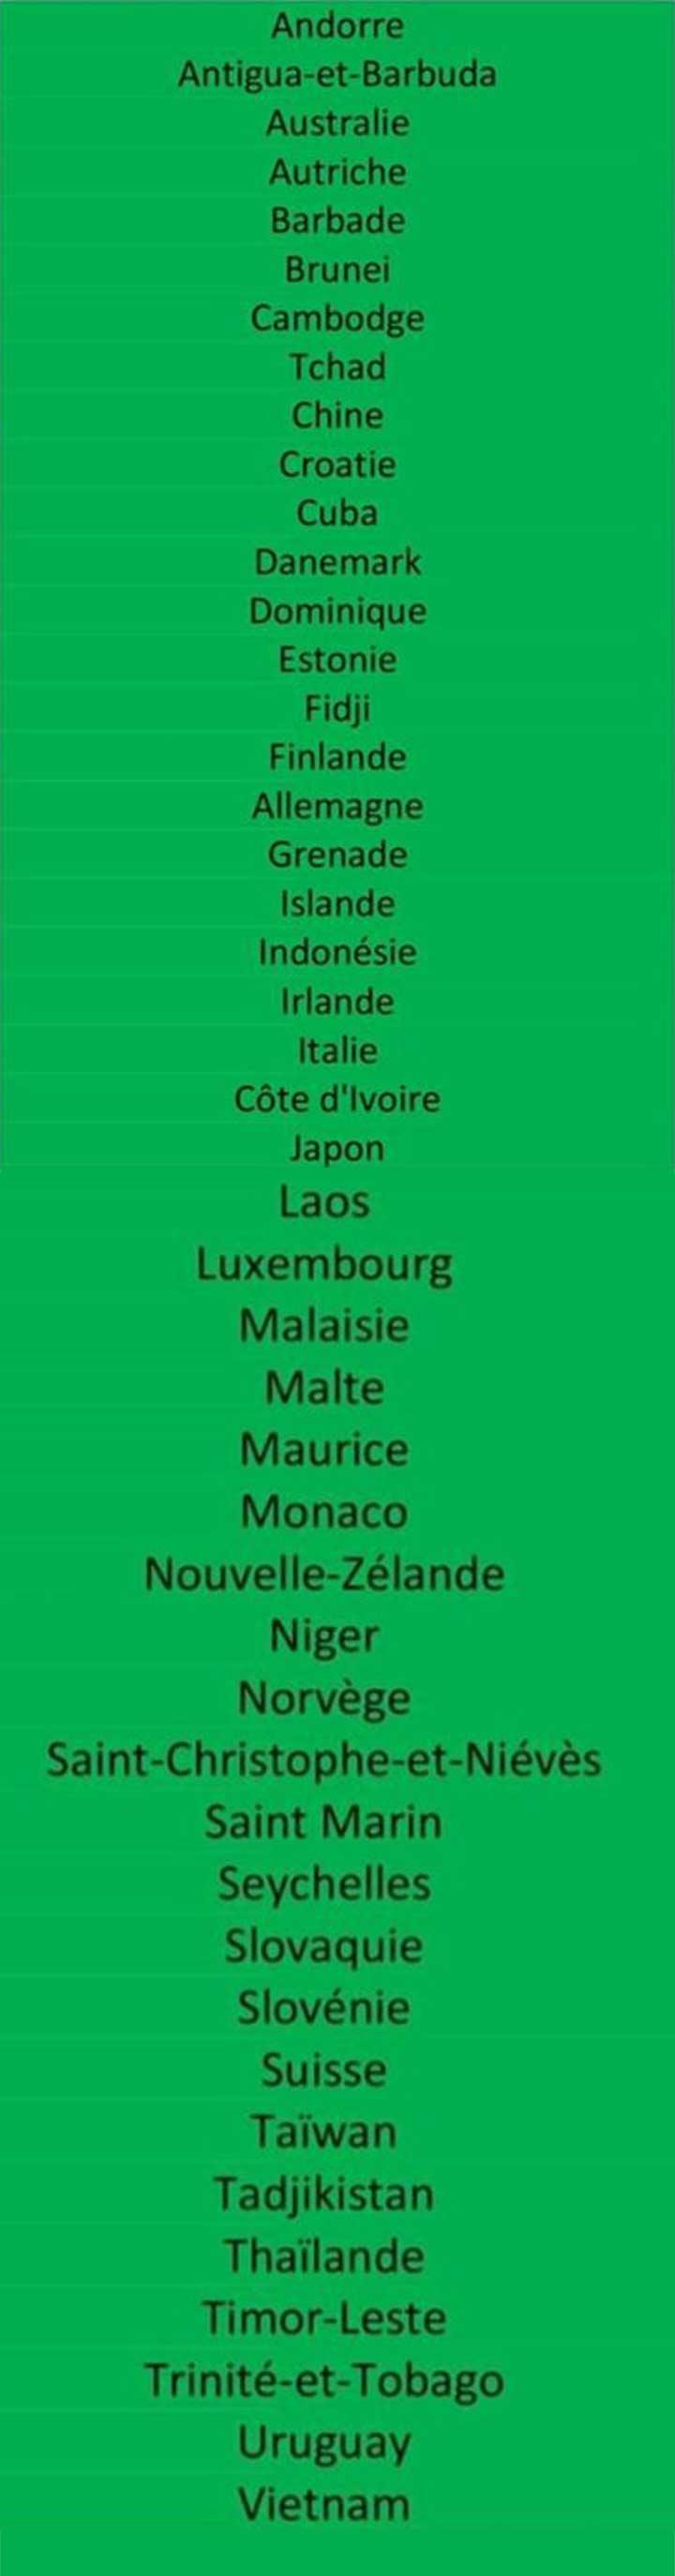 liste-pays-tunisie-verte